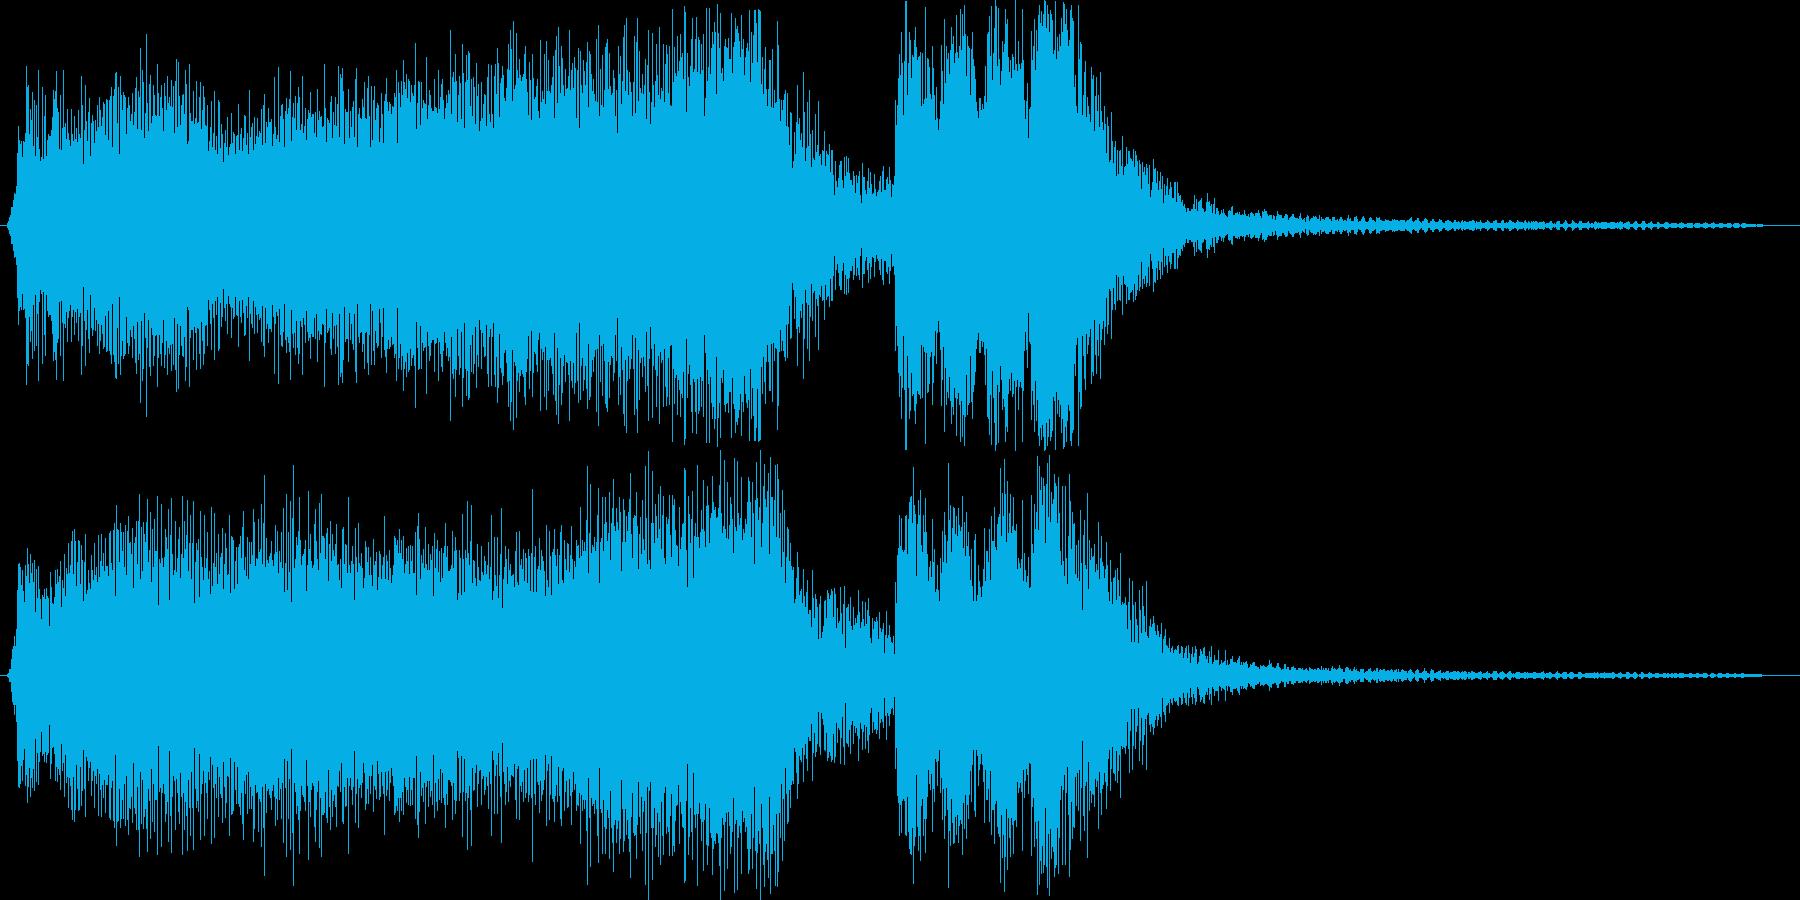 様式美的な結果発表用のジングルの再生済みの波形